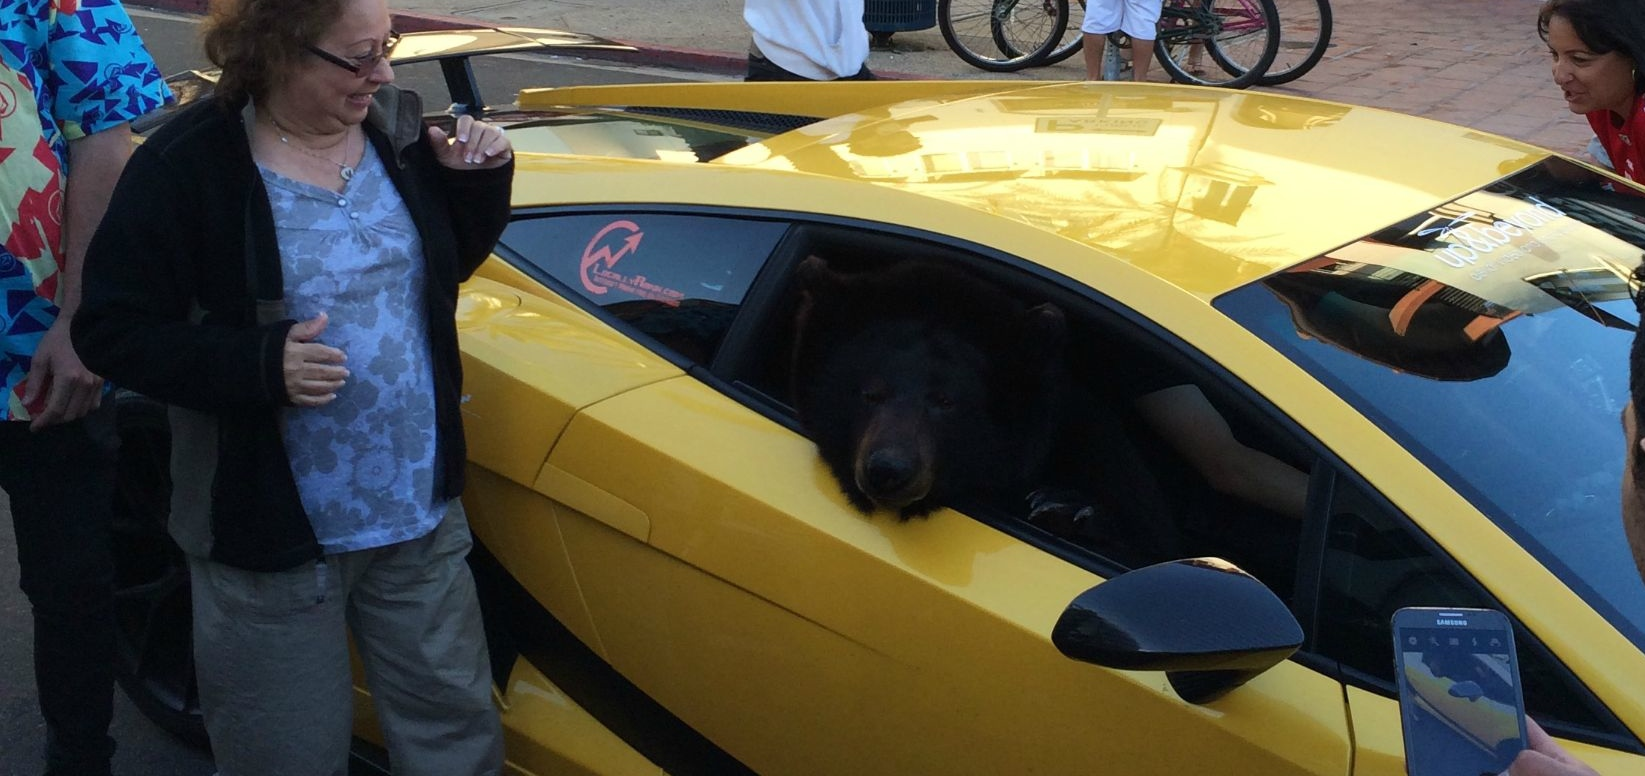 lamborghini-with-real-bear-in-passenger-seat-causes-california-traffic-jam-71213_1